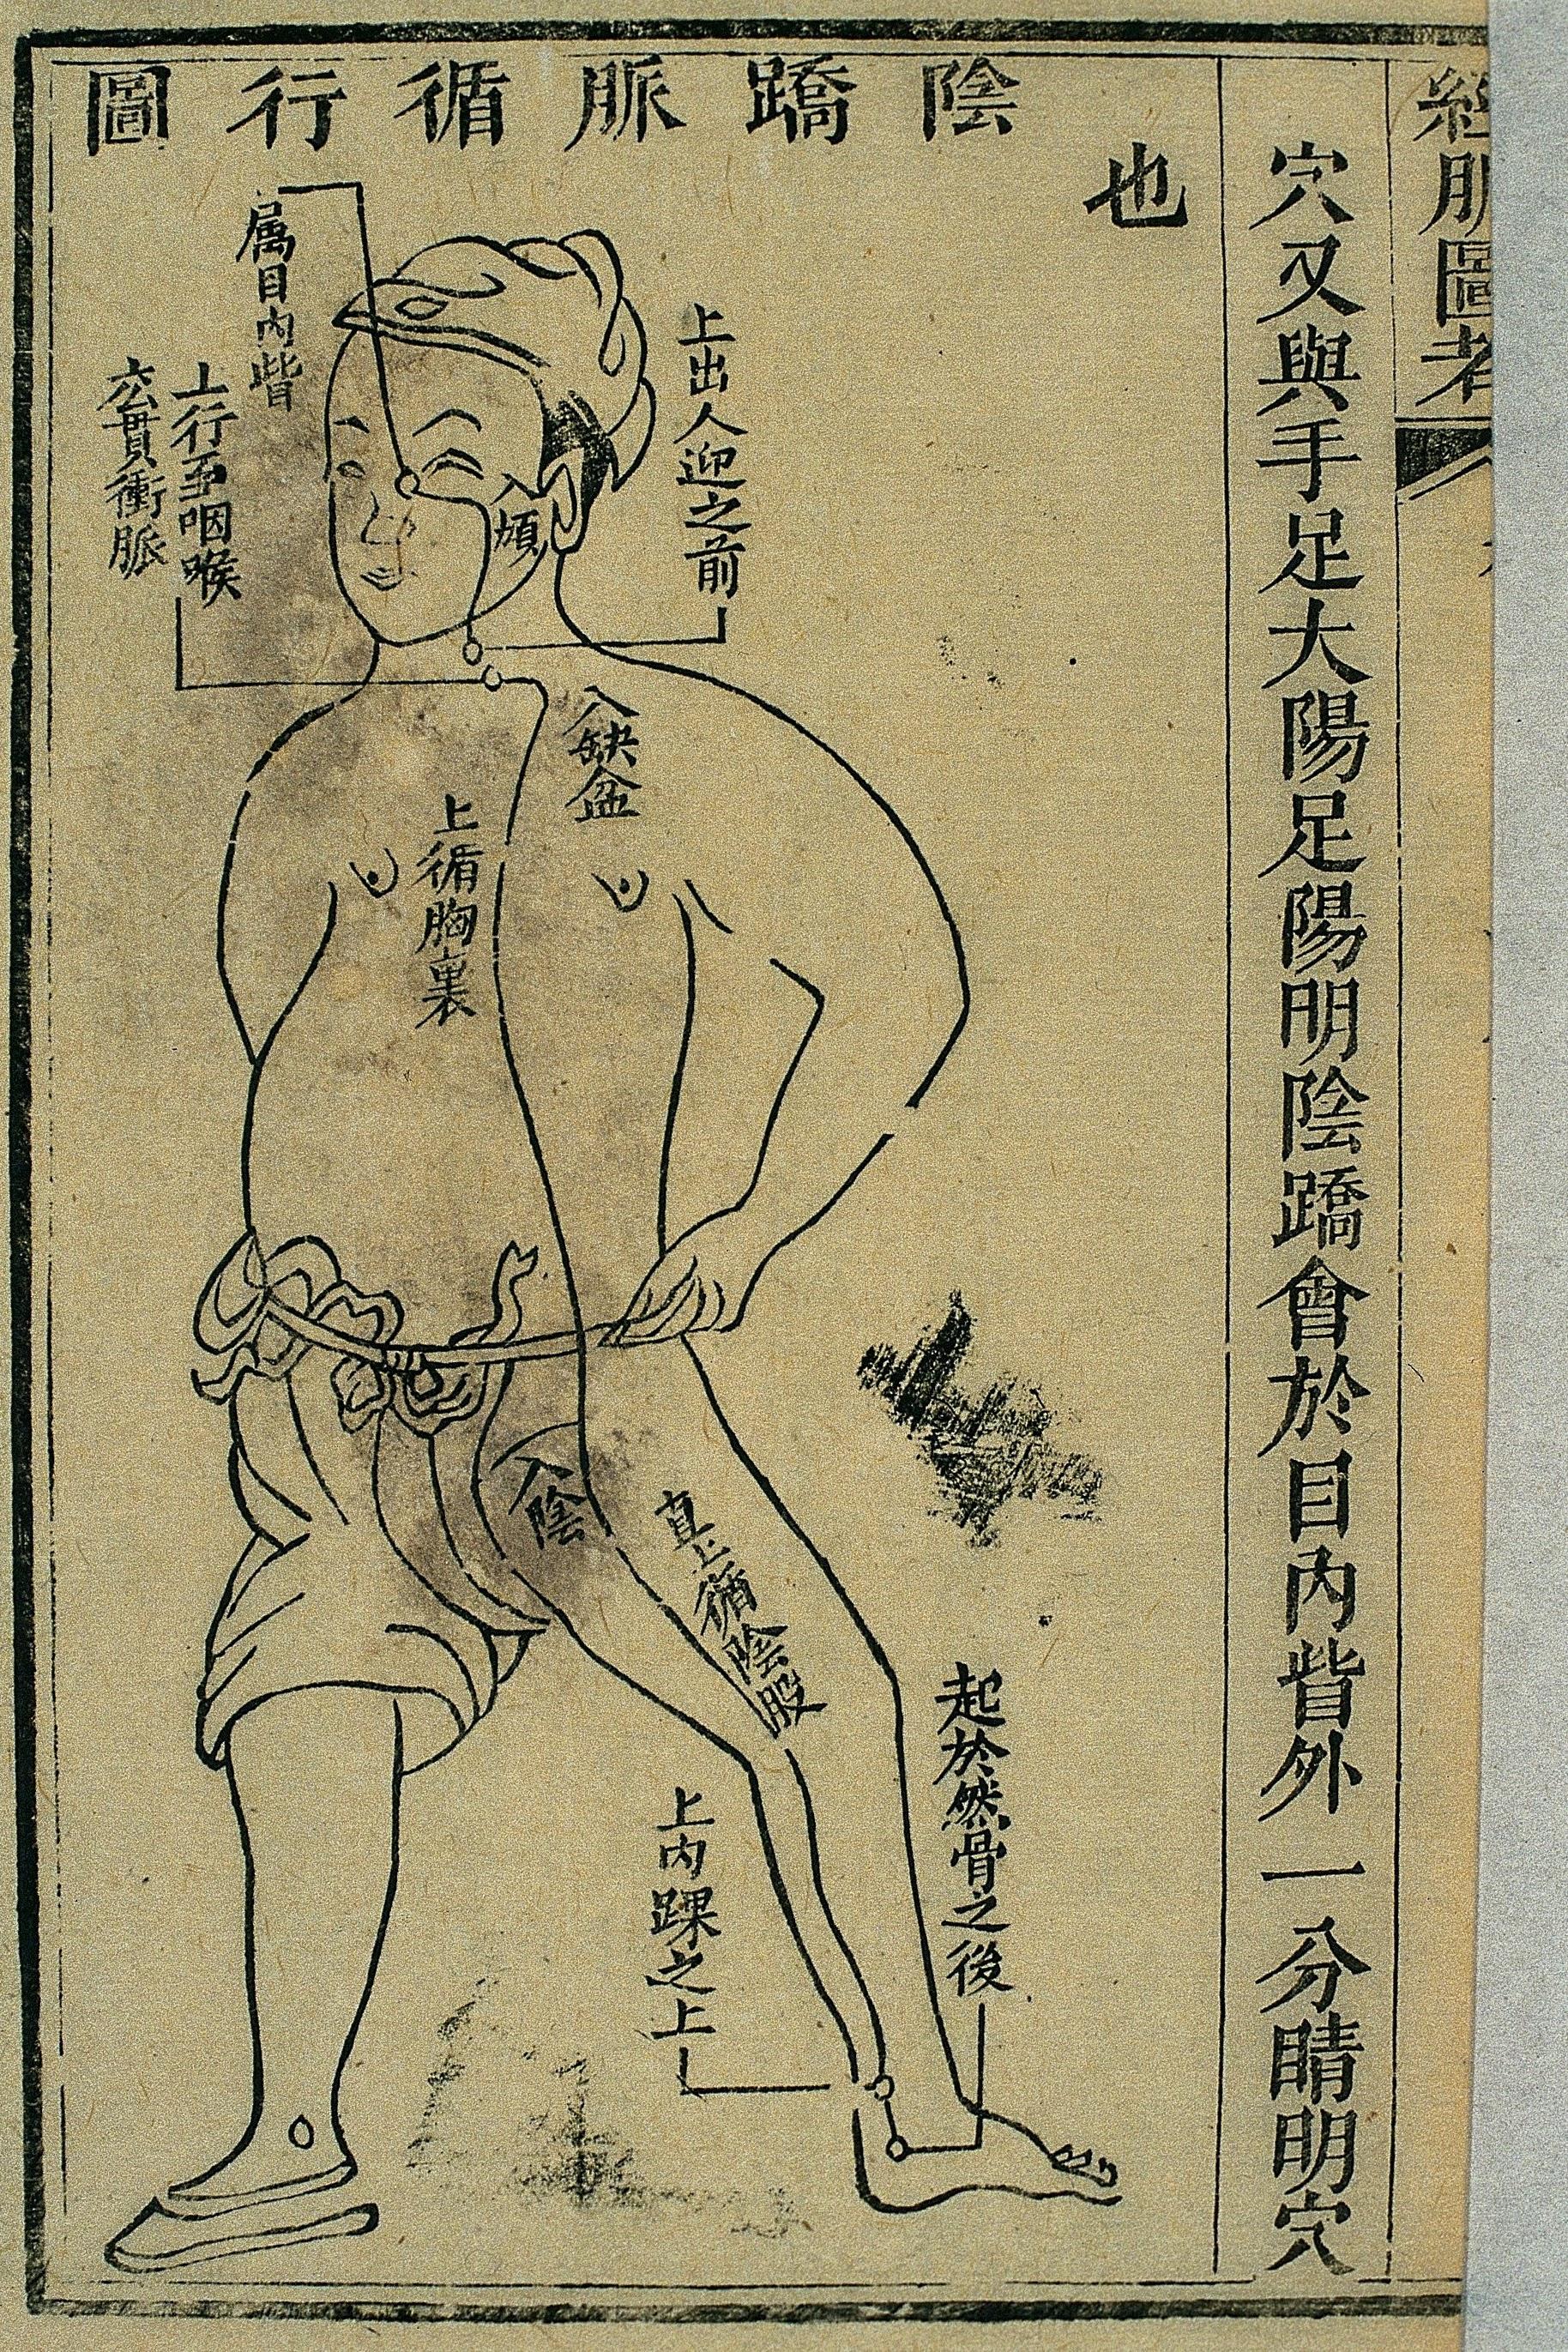 Gravure sur bois, illustrant le trajet du 陰蹺脈 yīn qiāo mài, tirée de l'étude illustrée des canaux (經脈圖考 jīng mài tú kǎo), publiée en 1878